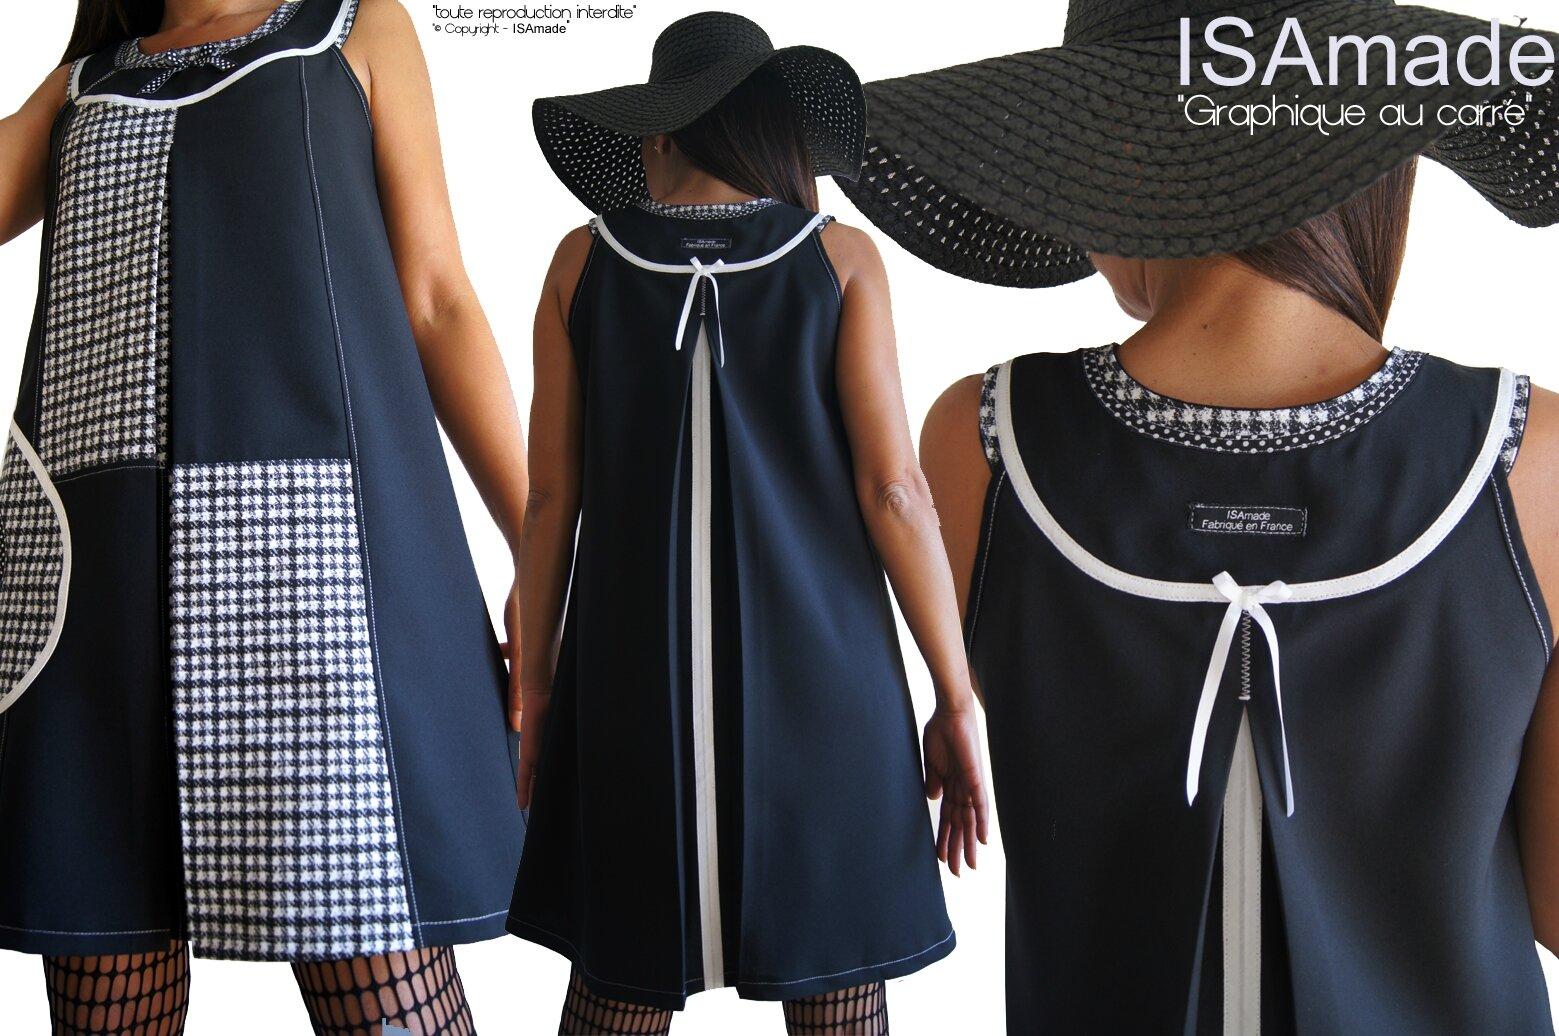 Robe noire et Blanche mode 2015 aux découpes Graphiques et Imprimé tissé Optique